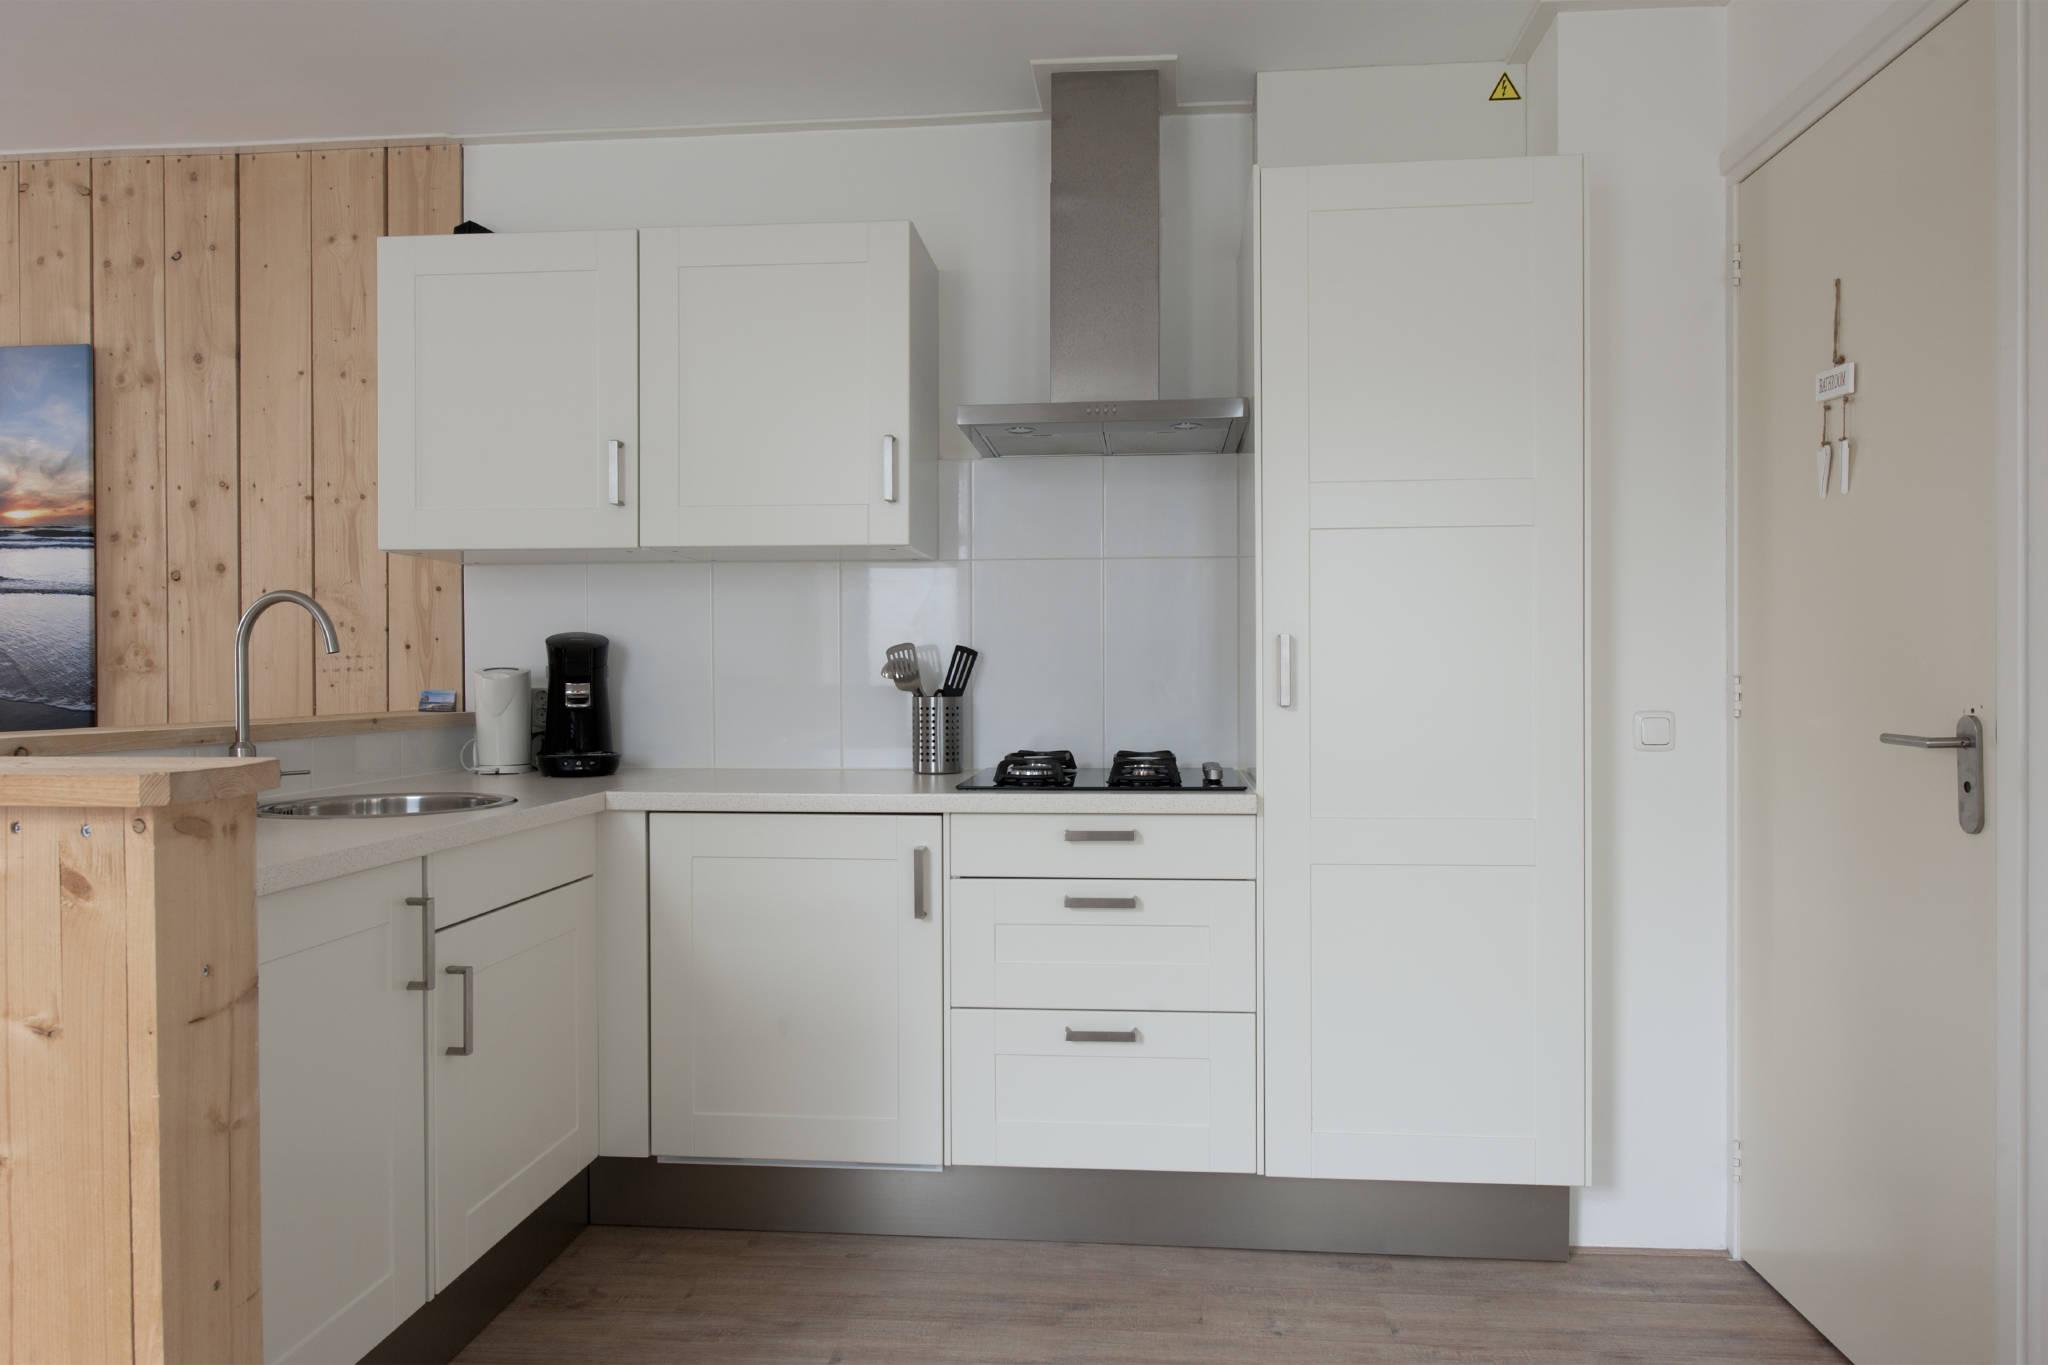 Offen Küche, turen Bade- / Schlafzimmer